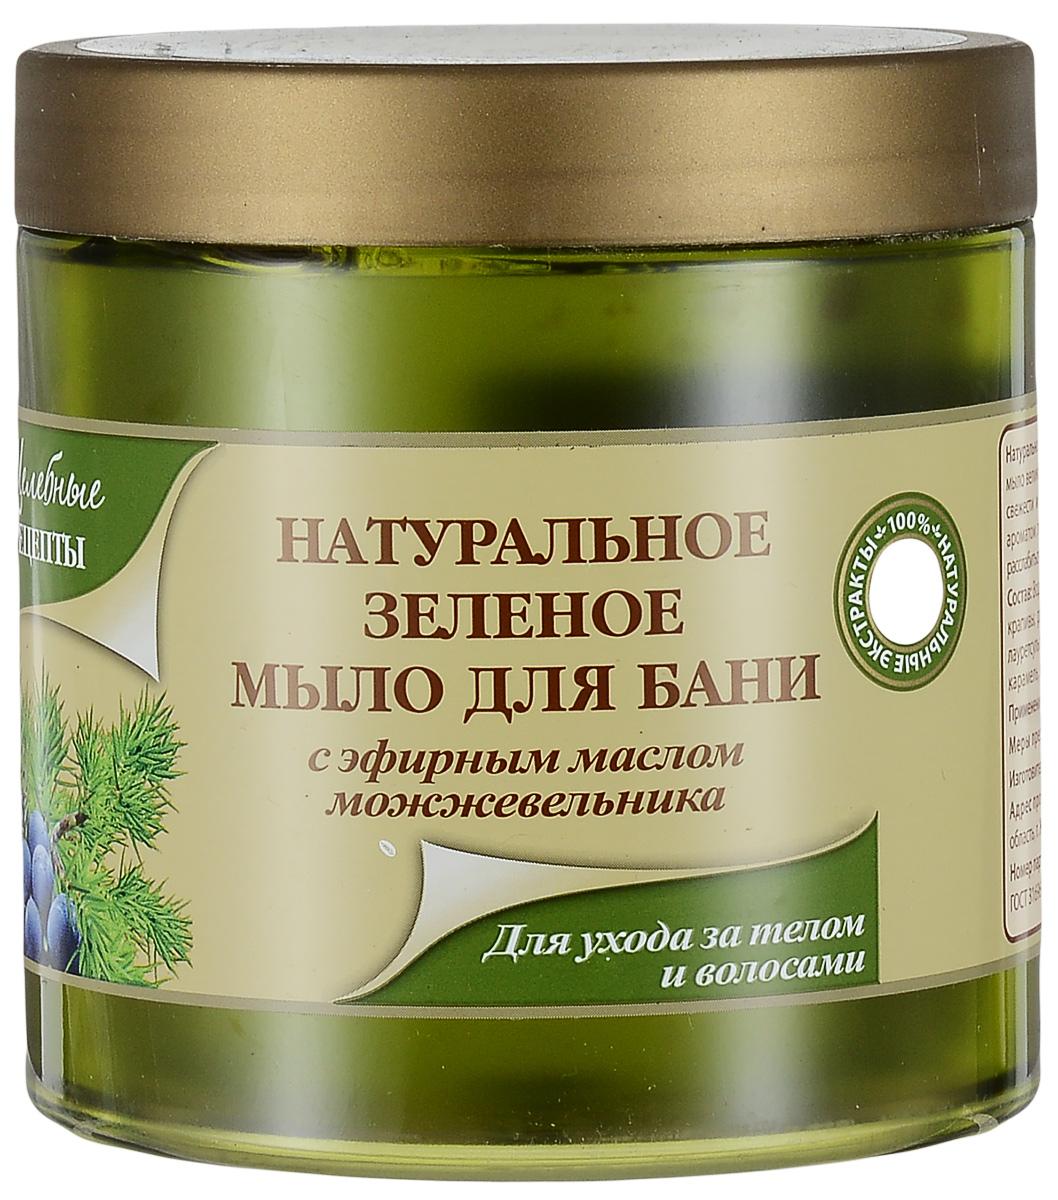 Целебные Рецепты Натуральное Зеленое мыло для бани для ухода за телом и волосами 500 мл.215-031-93419Натуральное таежное зеленое мыло, разработанное на основе естественных сапонинов, содержащихся в мыльном корне, обогащено экстрактами хвоща, крапивы, багульника болотного. Благодаря высокому содержанию масел пихты, сосны, кедрового ореха при использовании мыла создается эффект ароматерапии, который усиливается при применении мыла в бане. Все экстракты и масла полезны как для тела, так и для волос, благодаря чему наше мыло можно использовать как гель для душа и как шампунь для волос.